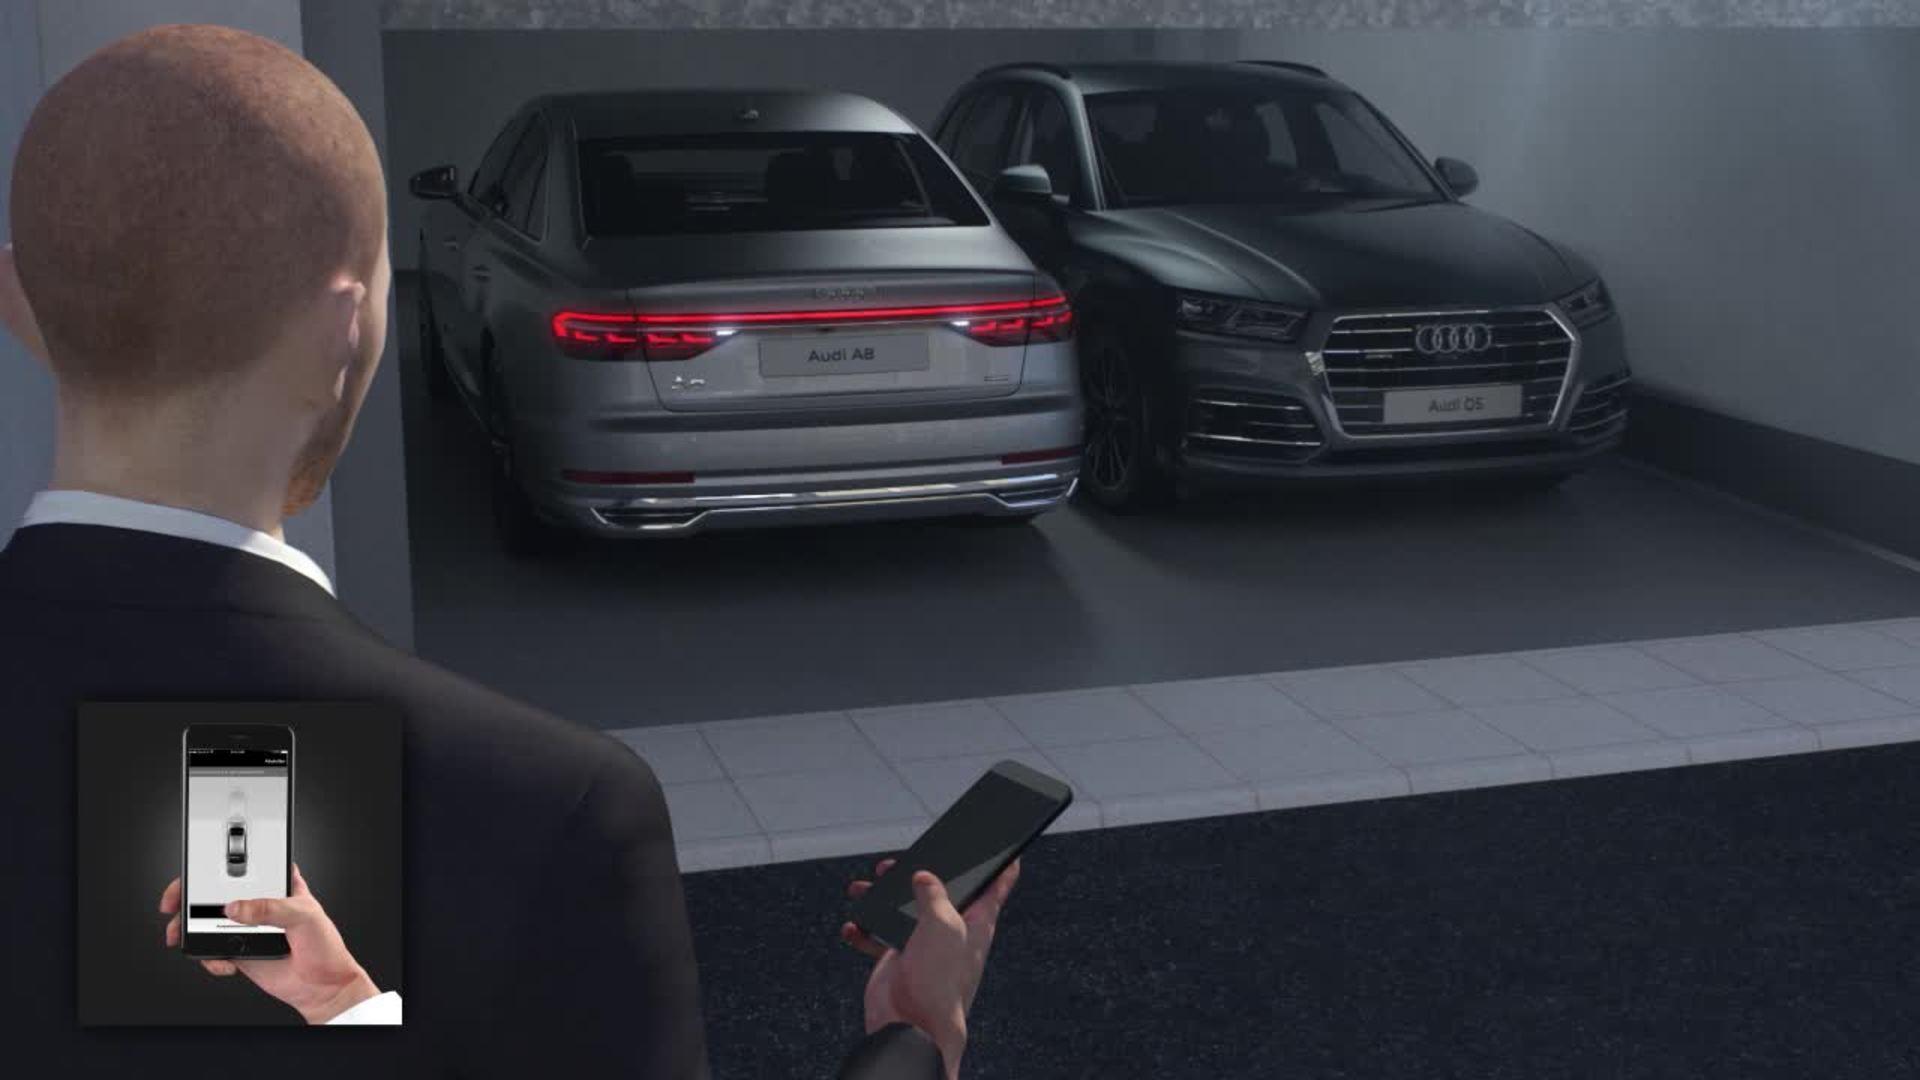 Animation Audi A8 - Audi AI parking pilot and garage pilot